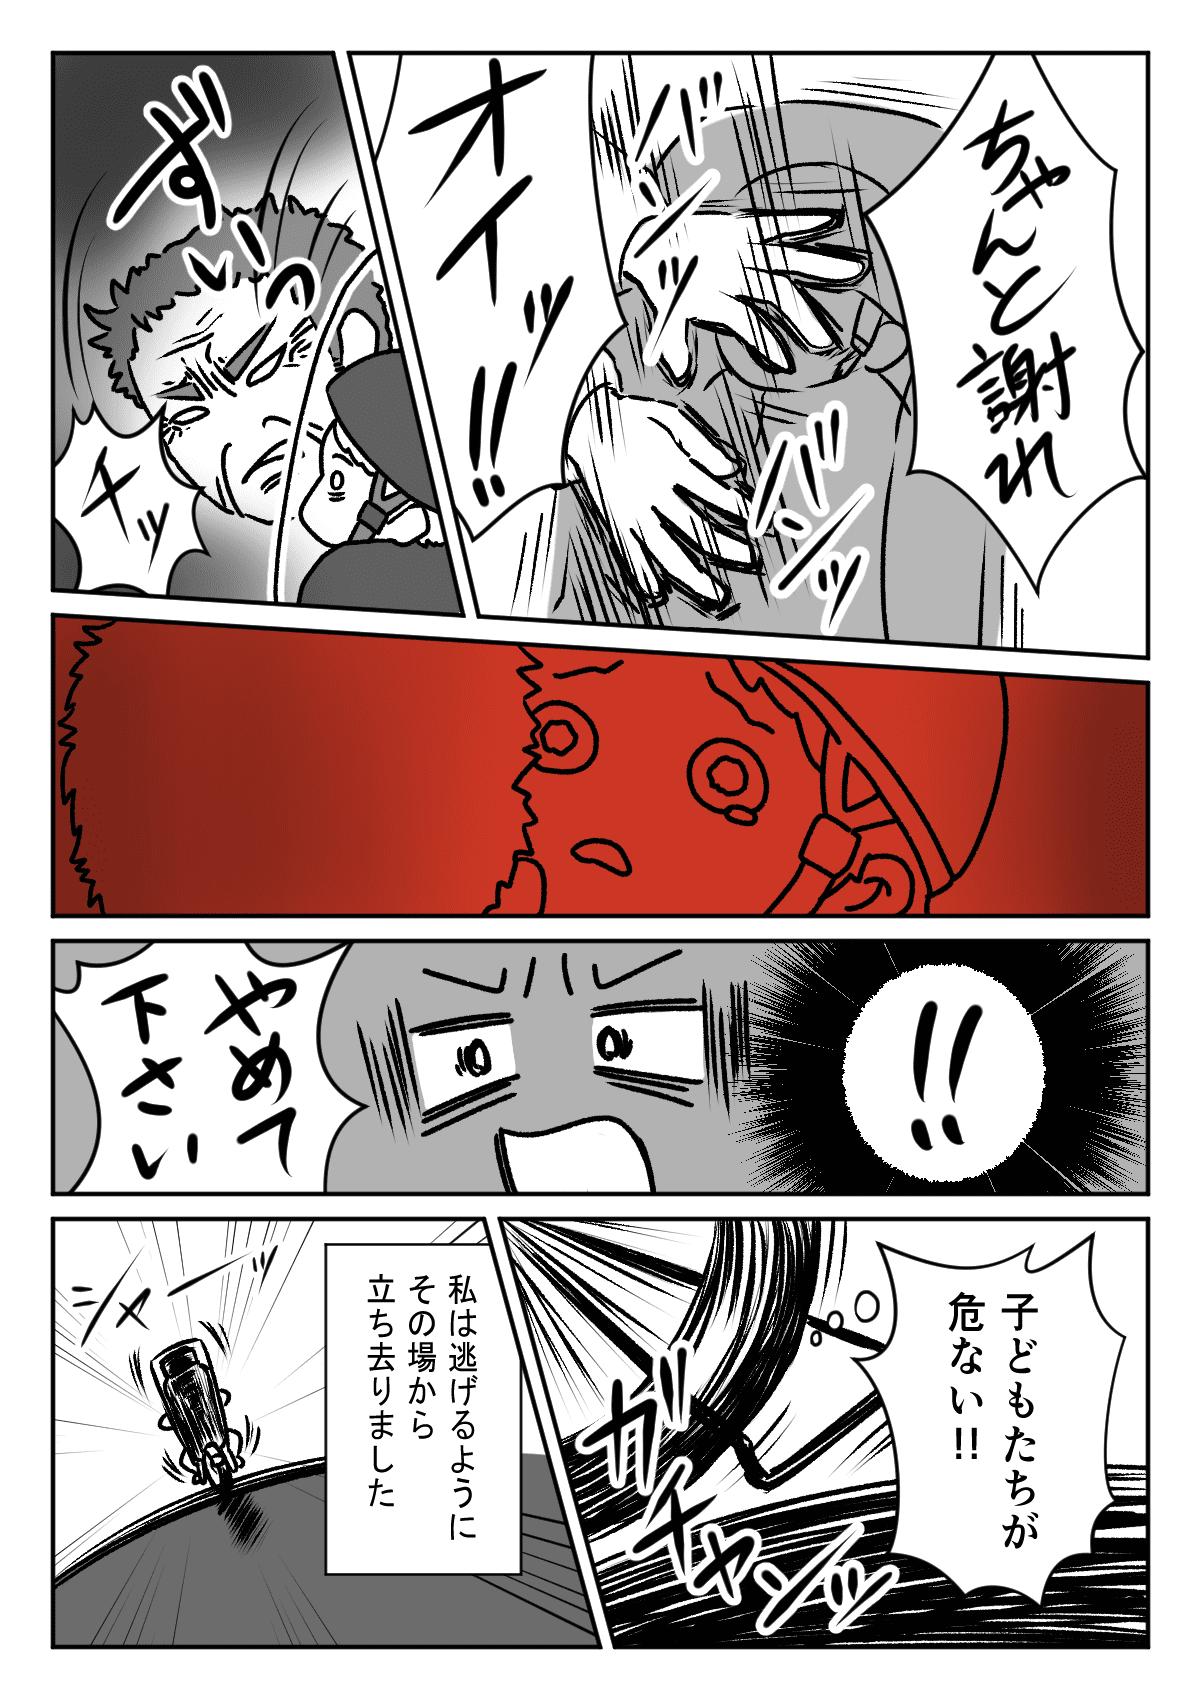 【前編】不審者と遭遇!2